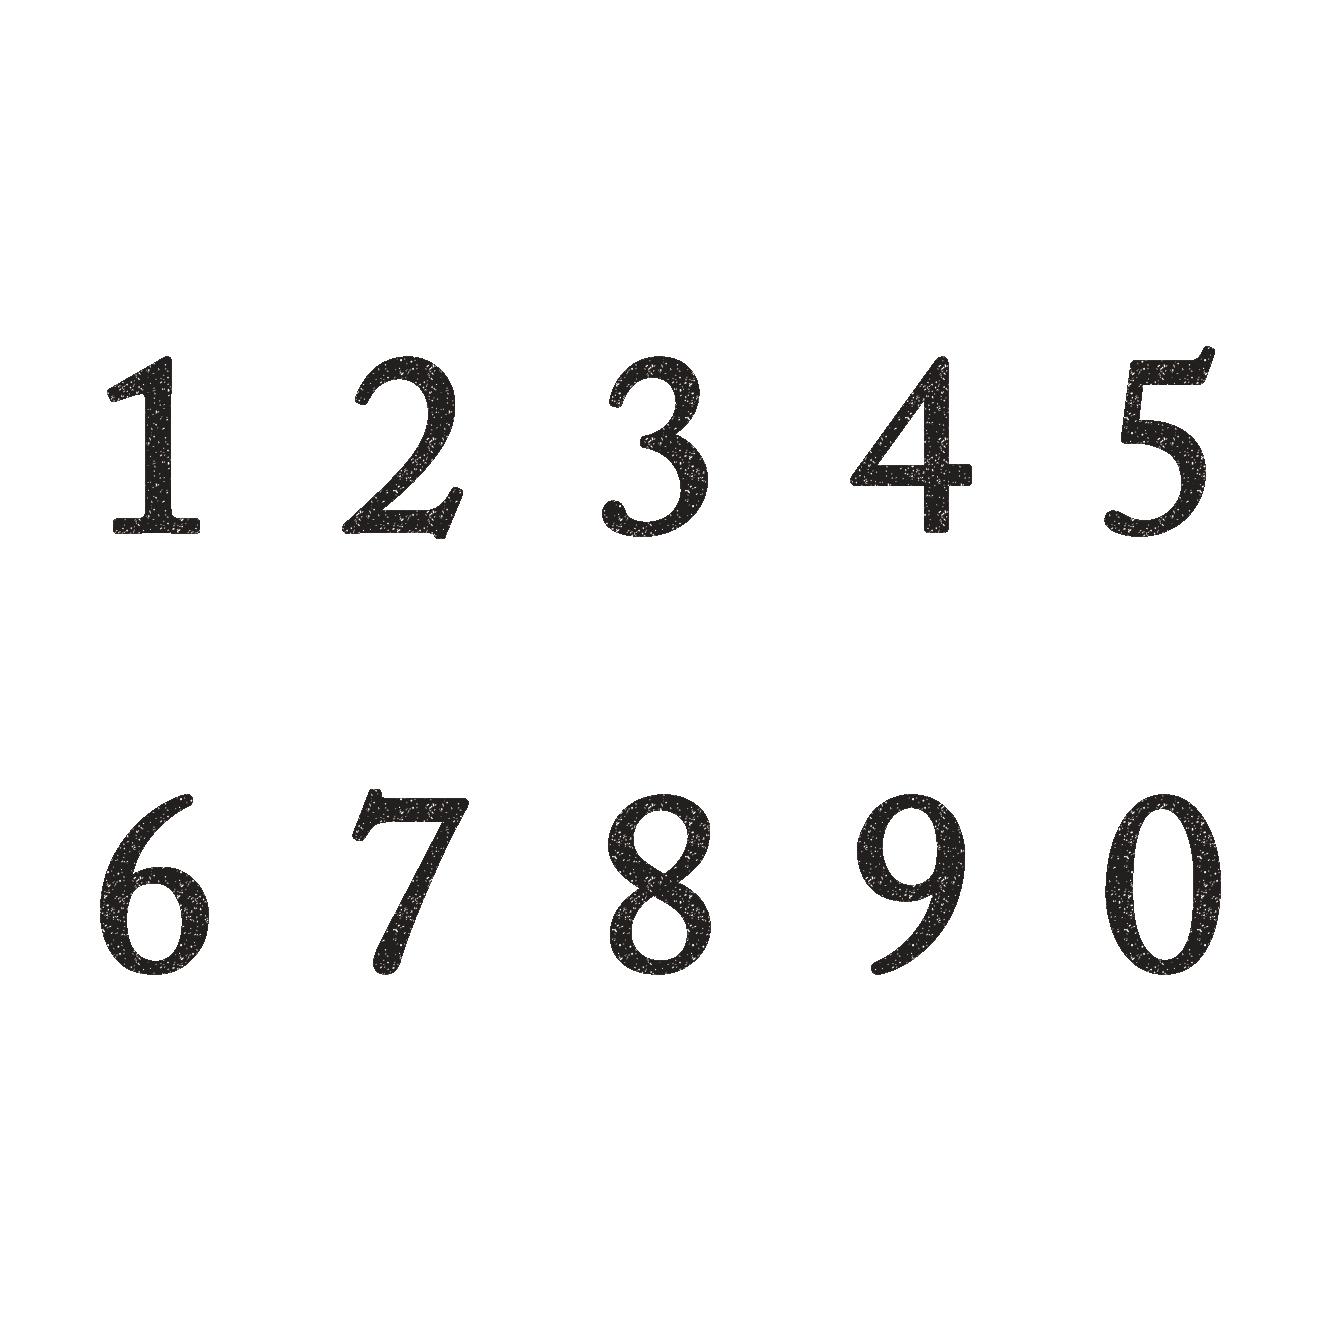 商用可 シンプルでオシャレな数字のスタンプのイラスト素材になります おすすめです Adsbygoogle Window Adsbygoogle Push 2021 数字デザイン パンフレット デザイン ハロウィン フォント